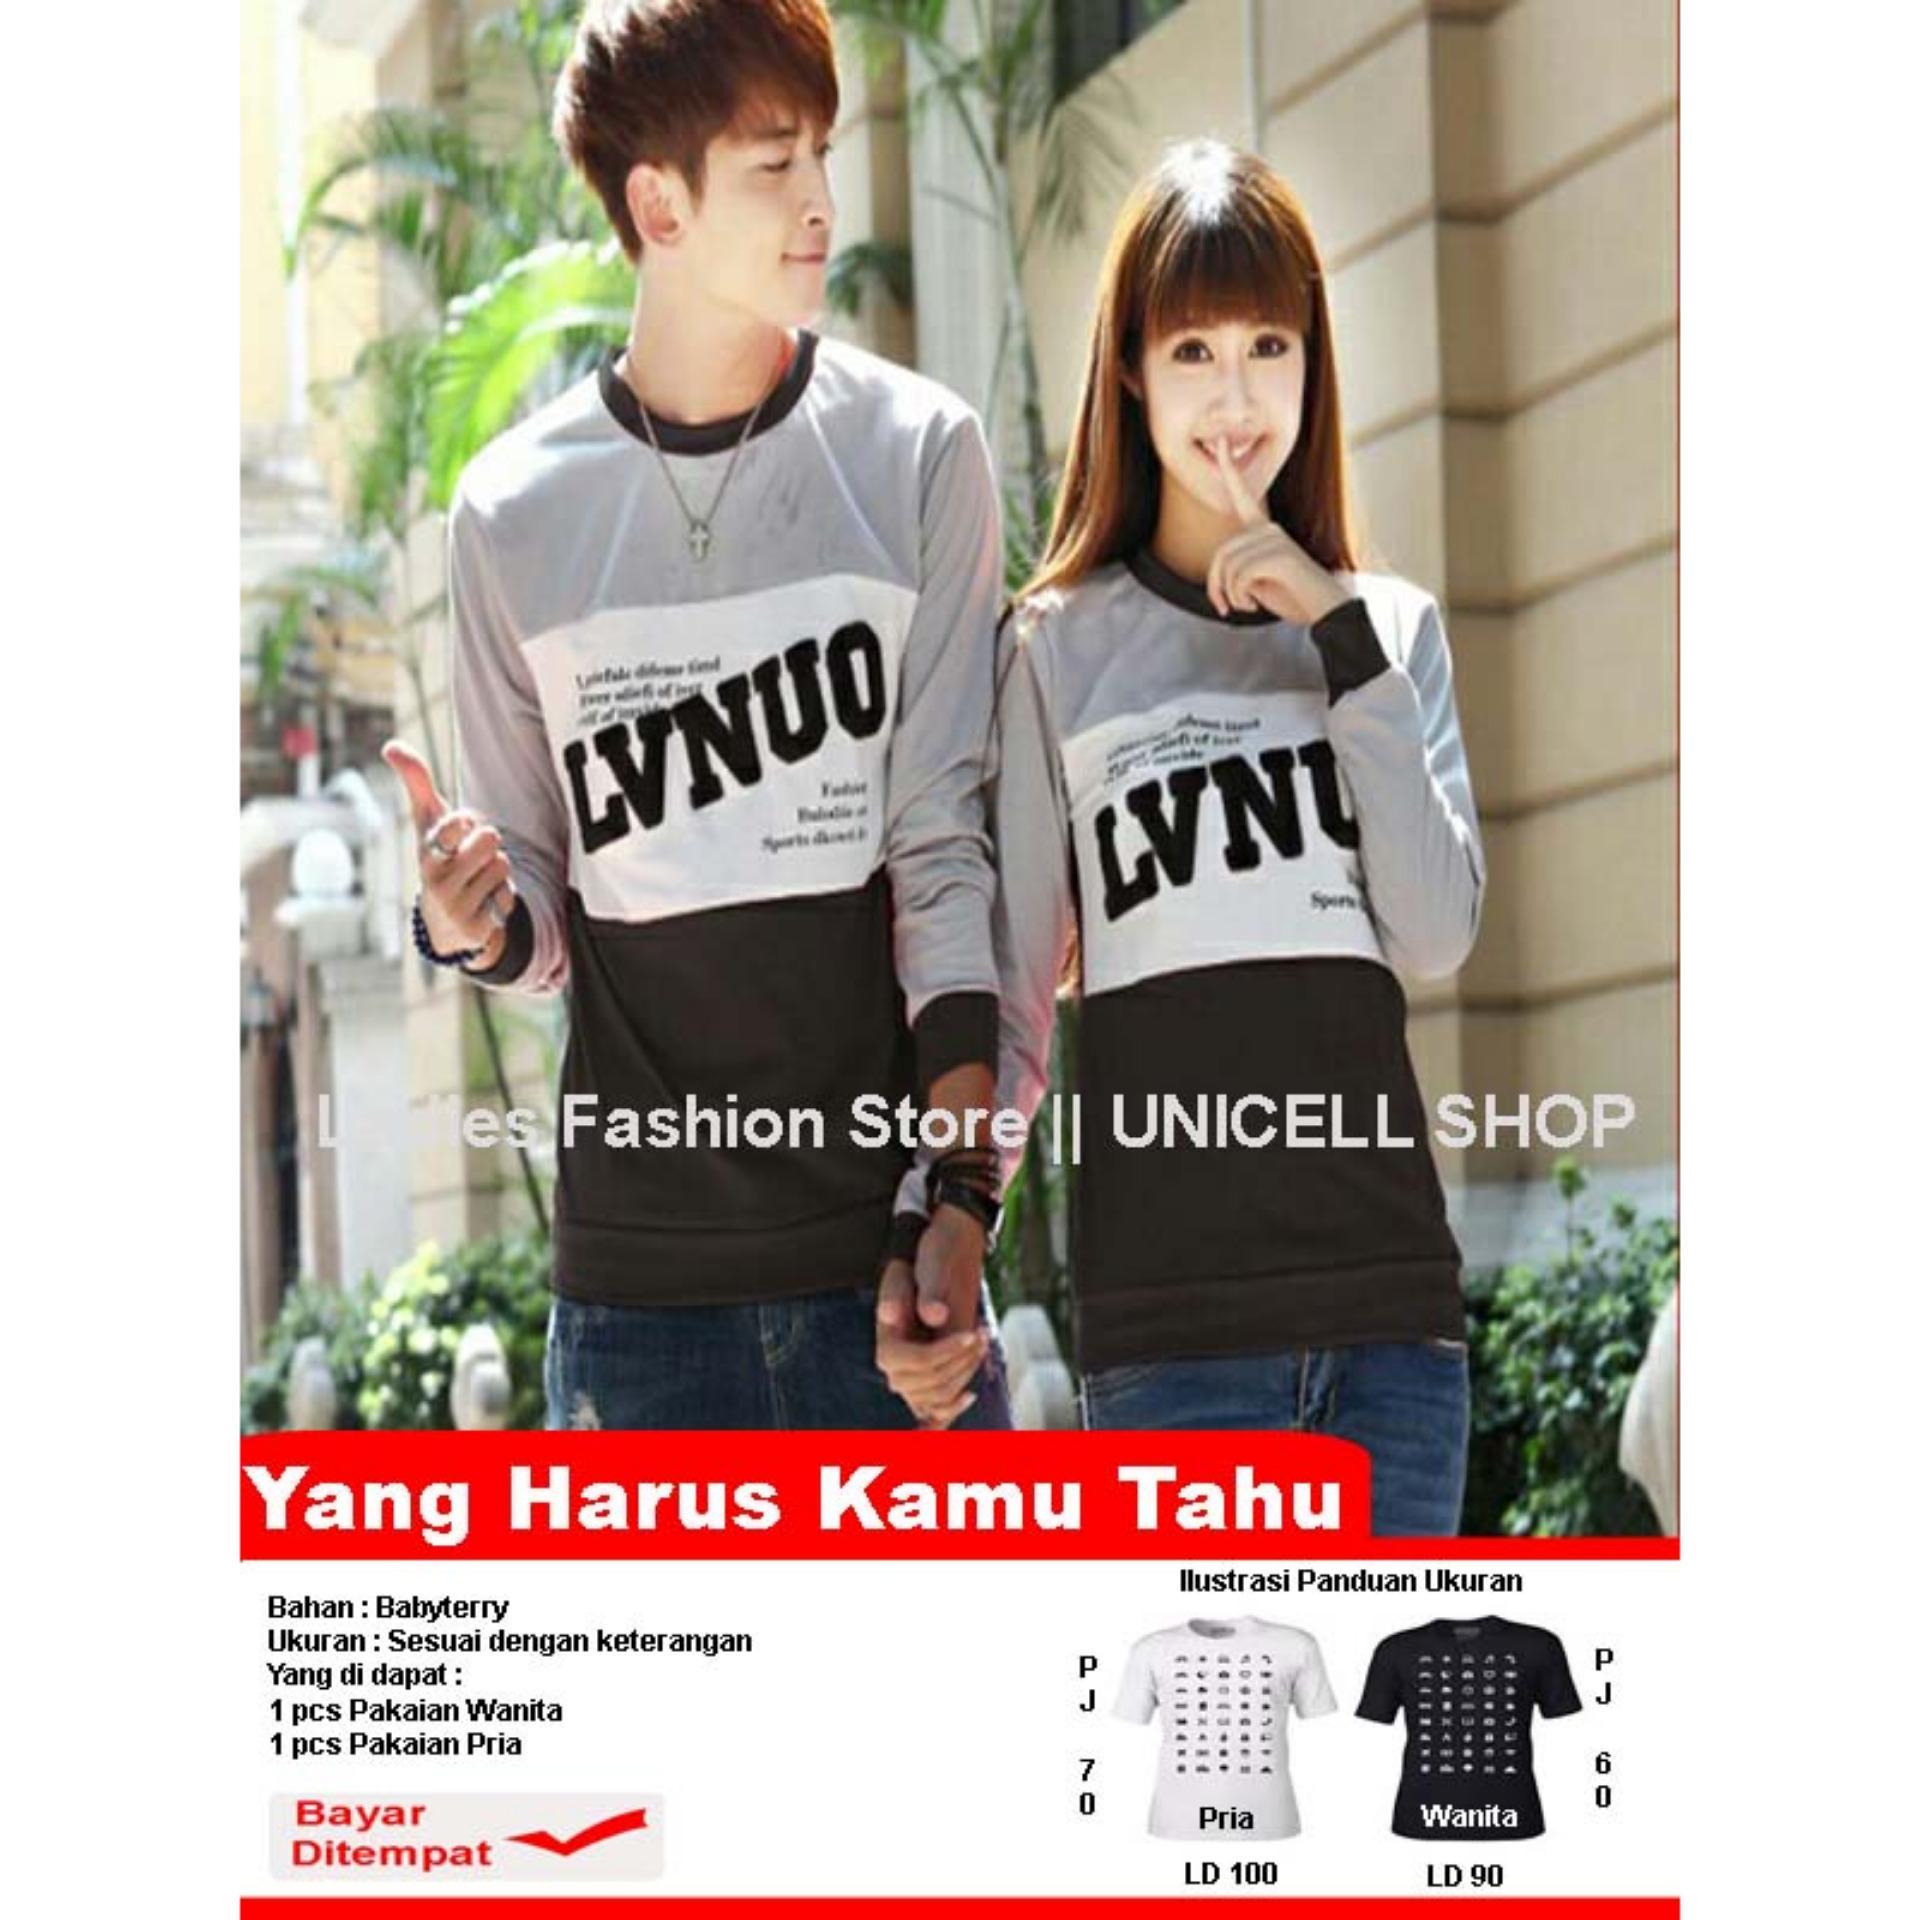 UC Kaos Couple lengan Panjang  LVNUO / Kaos Polos hitam  / Sweater Pasangan / T-shirt Pasangan / Pakaian Kembar / Kaos Pria Wanita LC - Abu Hitam - A0123 D3C